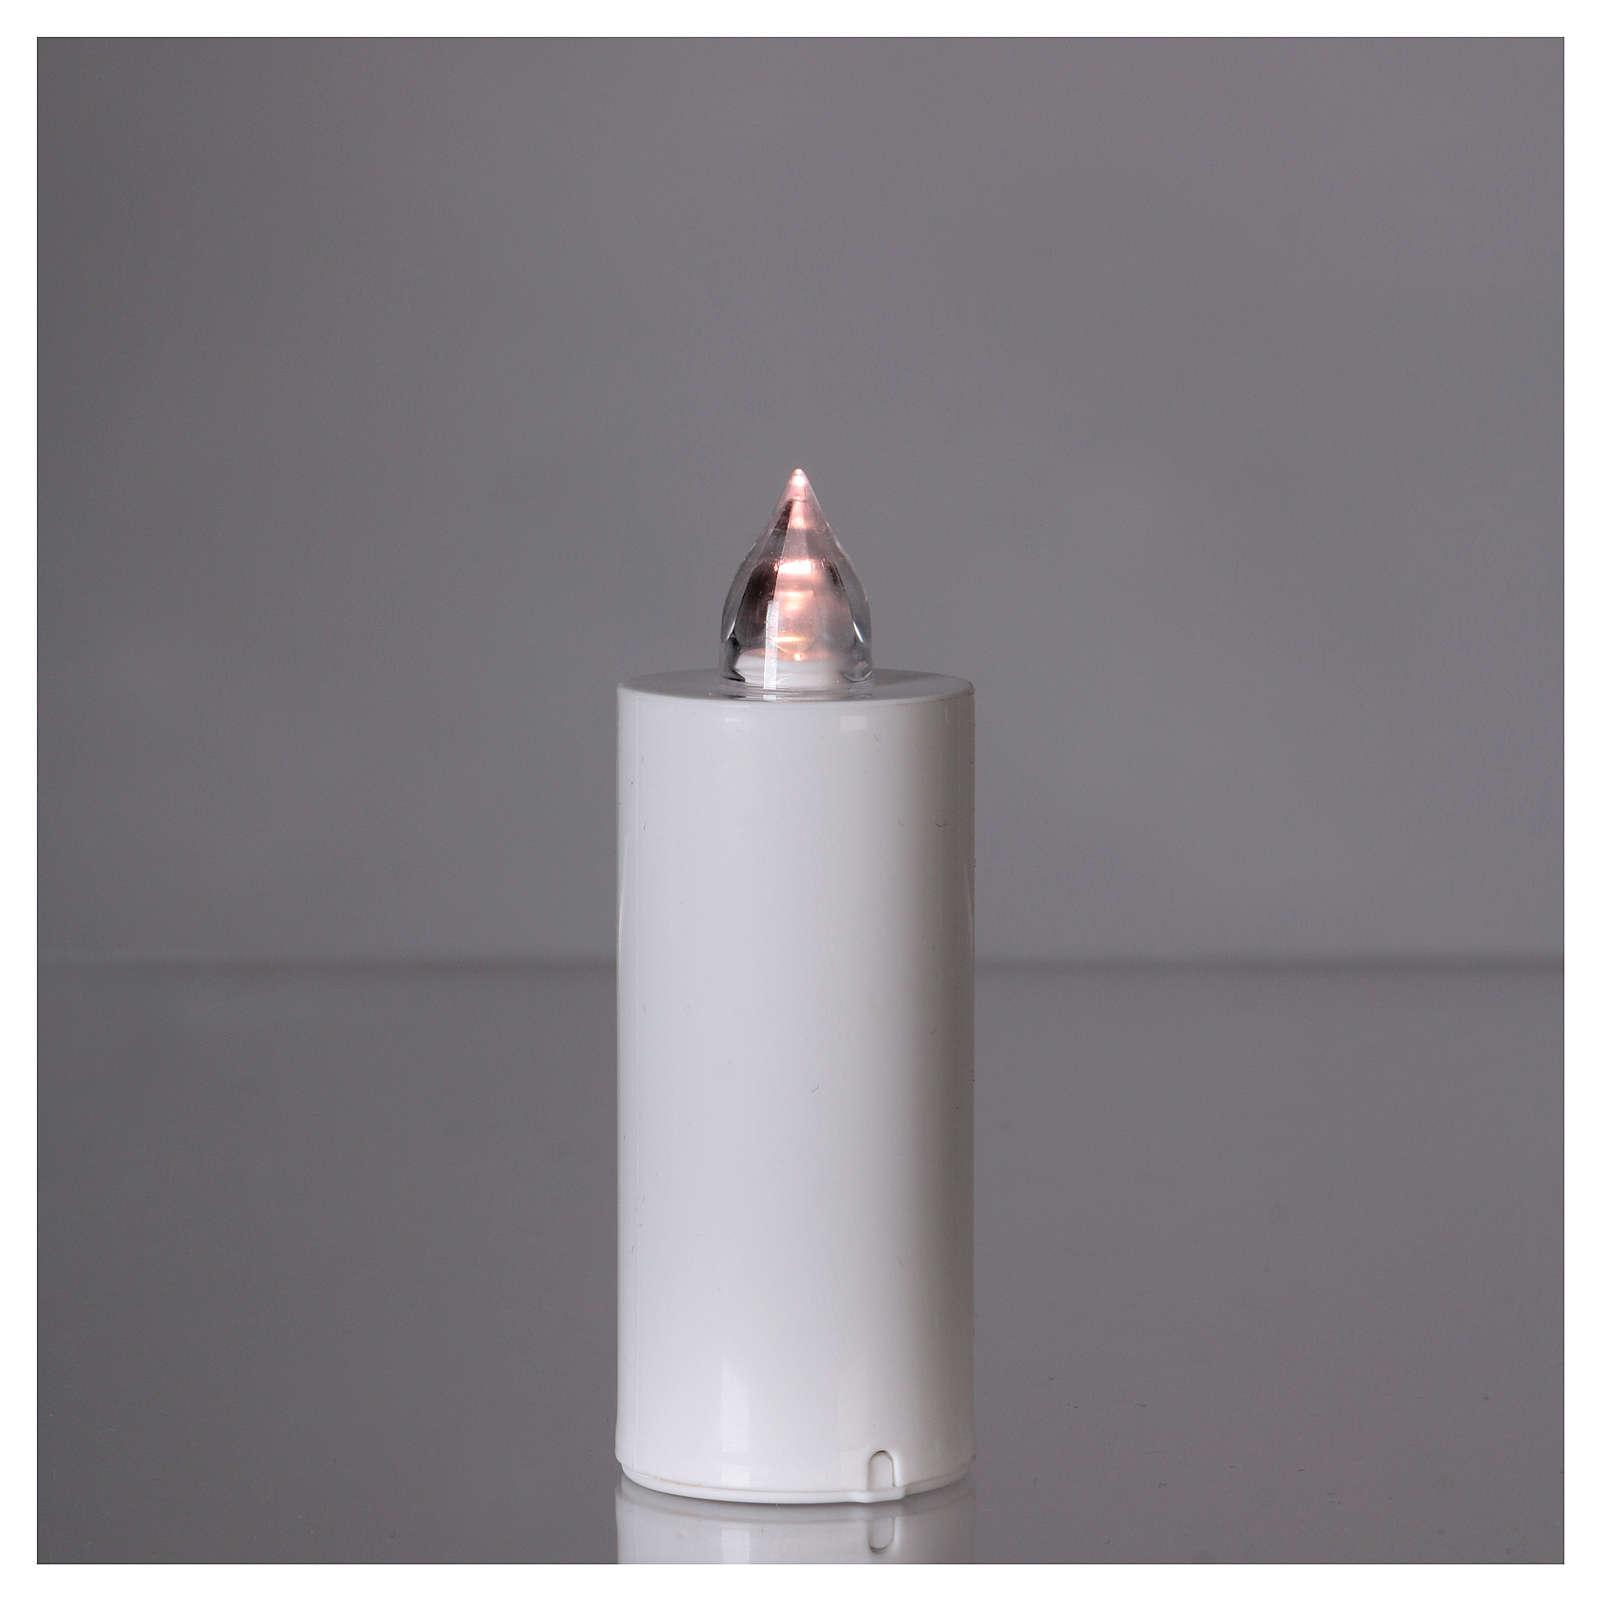 Grablicht von Lumada in der Farbe weiß, mit weißem intermittierenden Licht 3